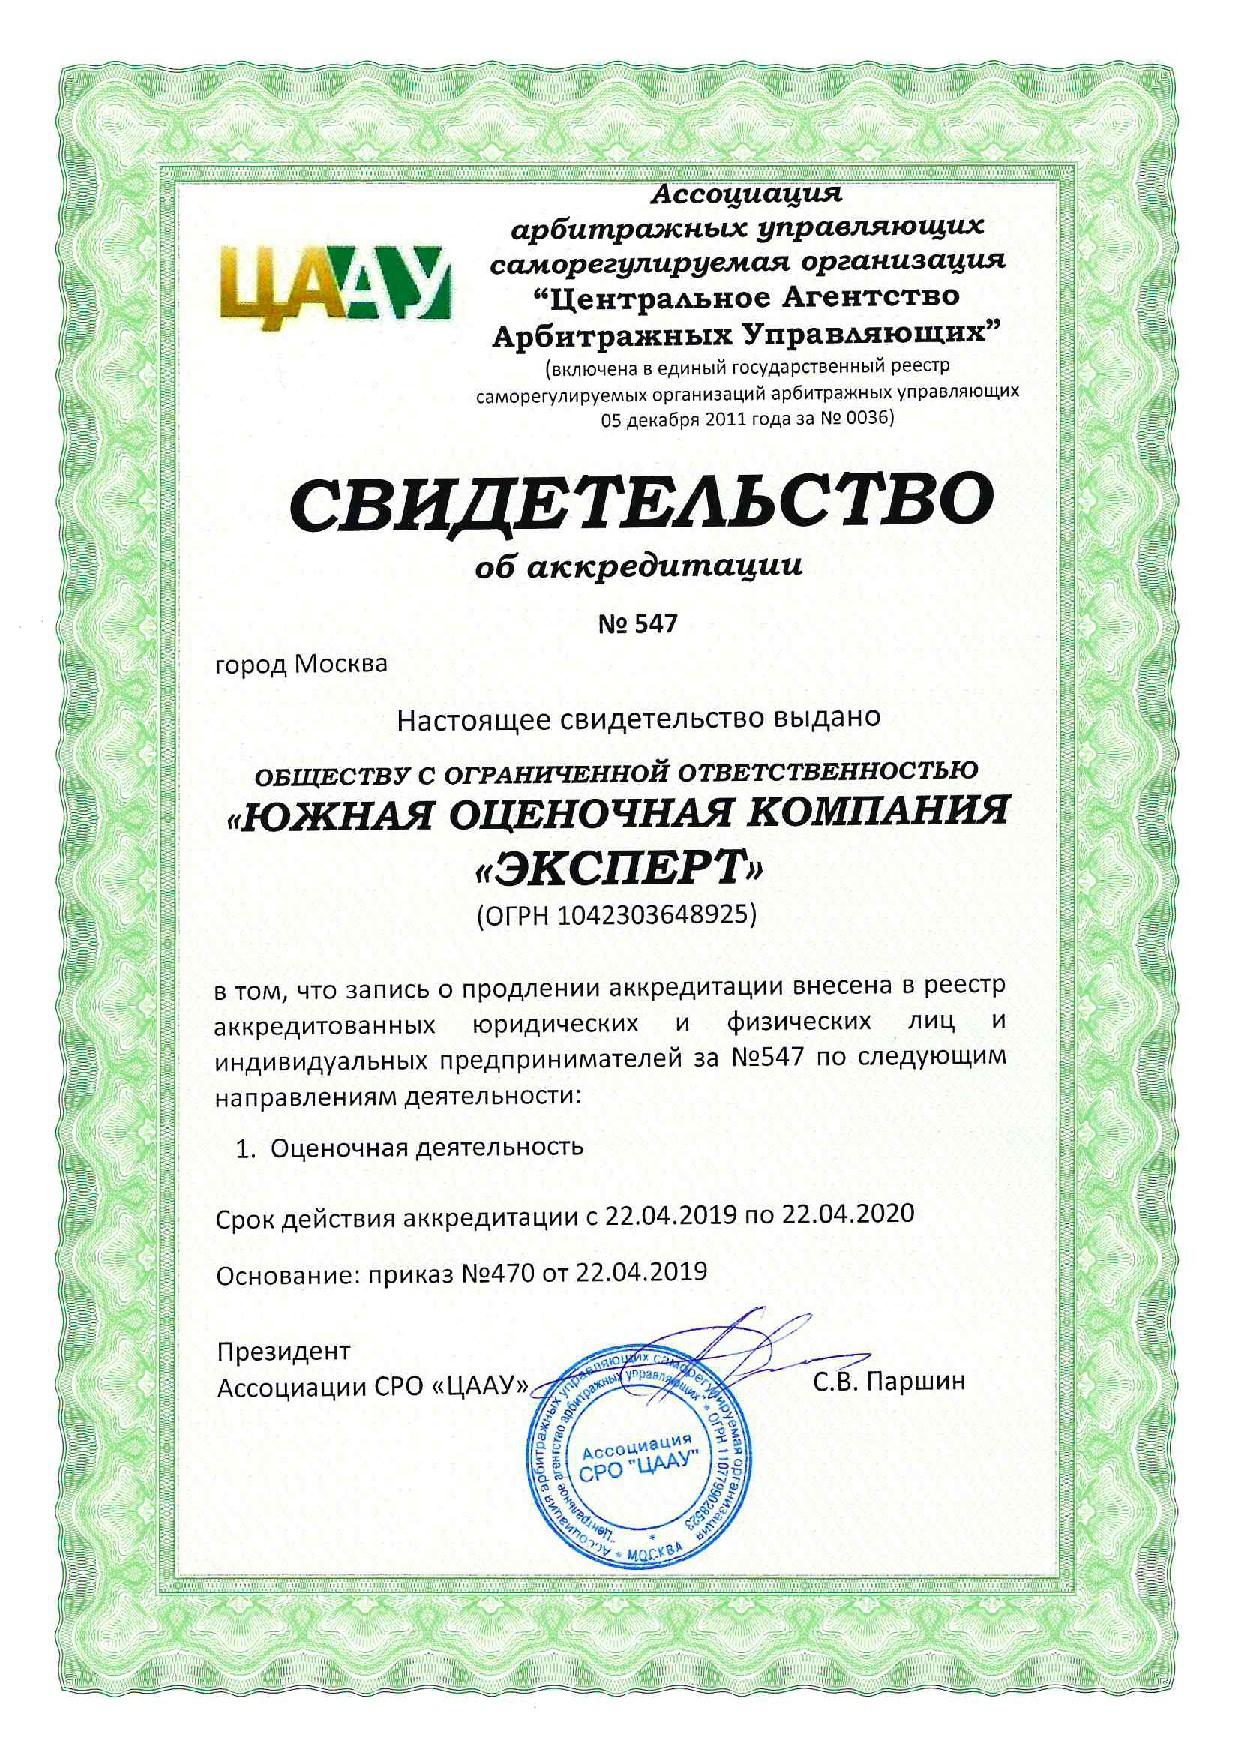 Свидетельство об аккредитации № 547